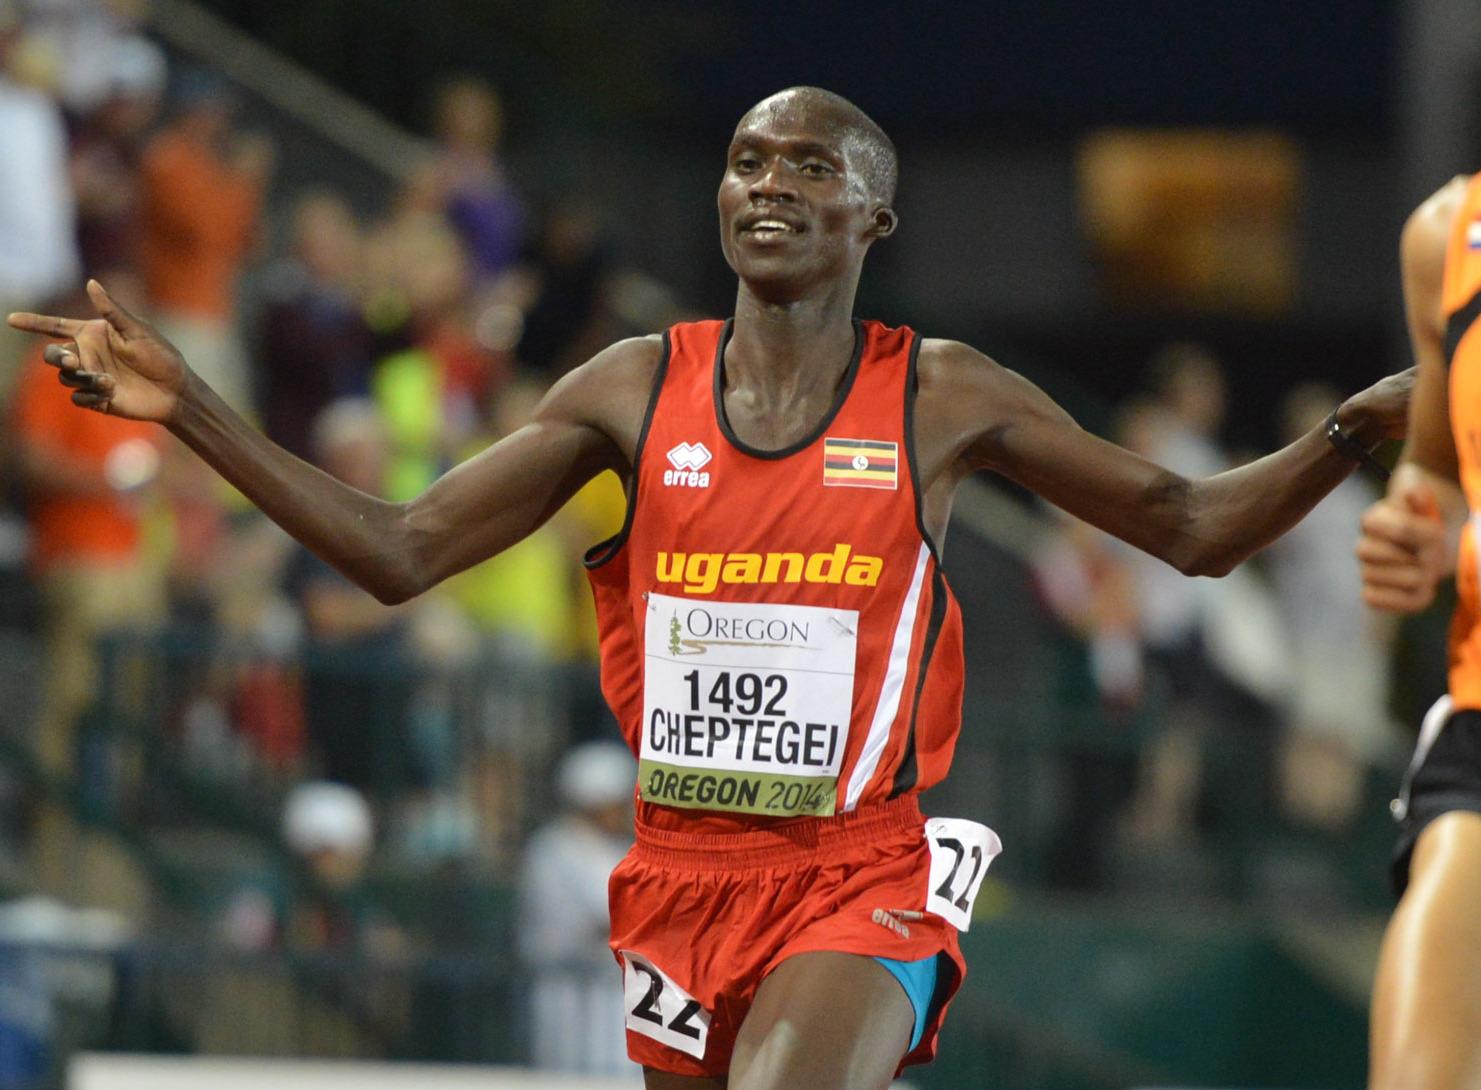 Известный угандийский легкоатлет Джошуа Чептегеи побил мировой рекорд в беге на 5000 метров